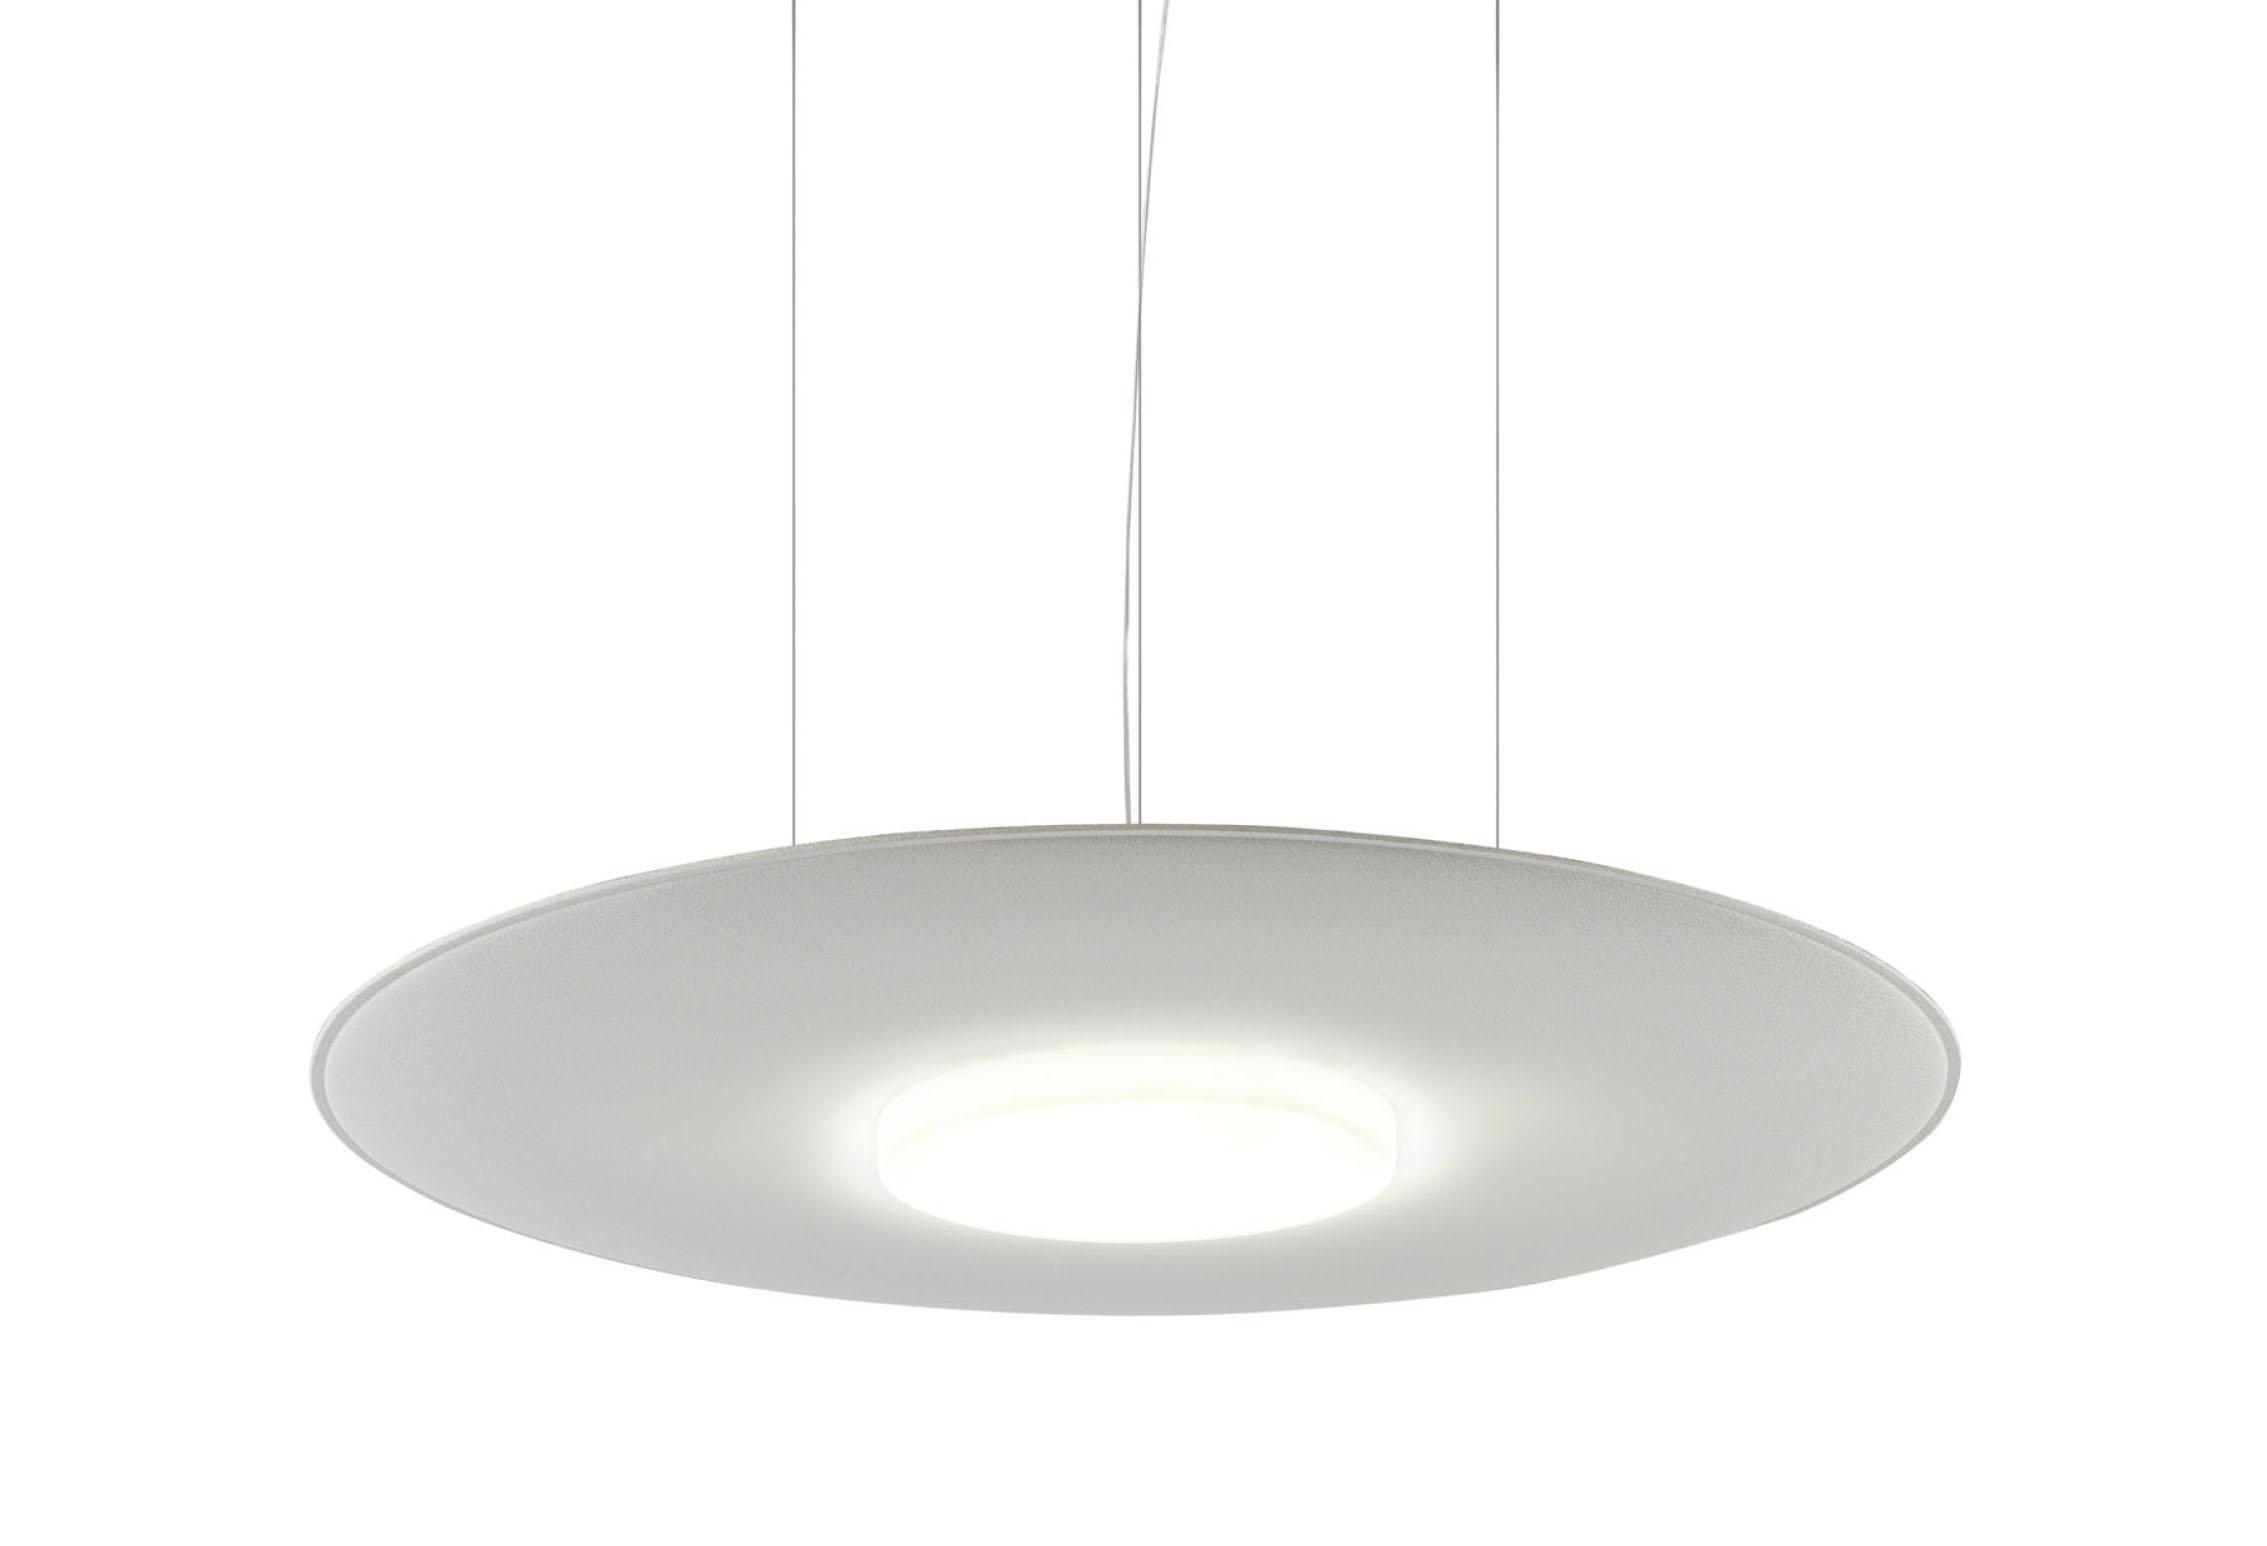 CAIMI Caimi Giotto Lux Ceiling - Gamme de panneaux acoustiques plafond lumineux